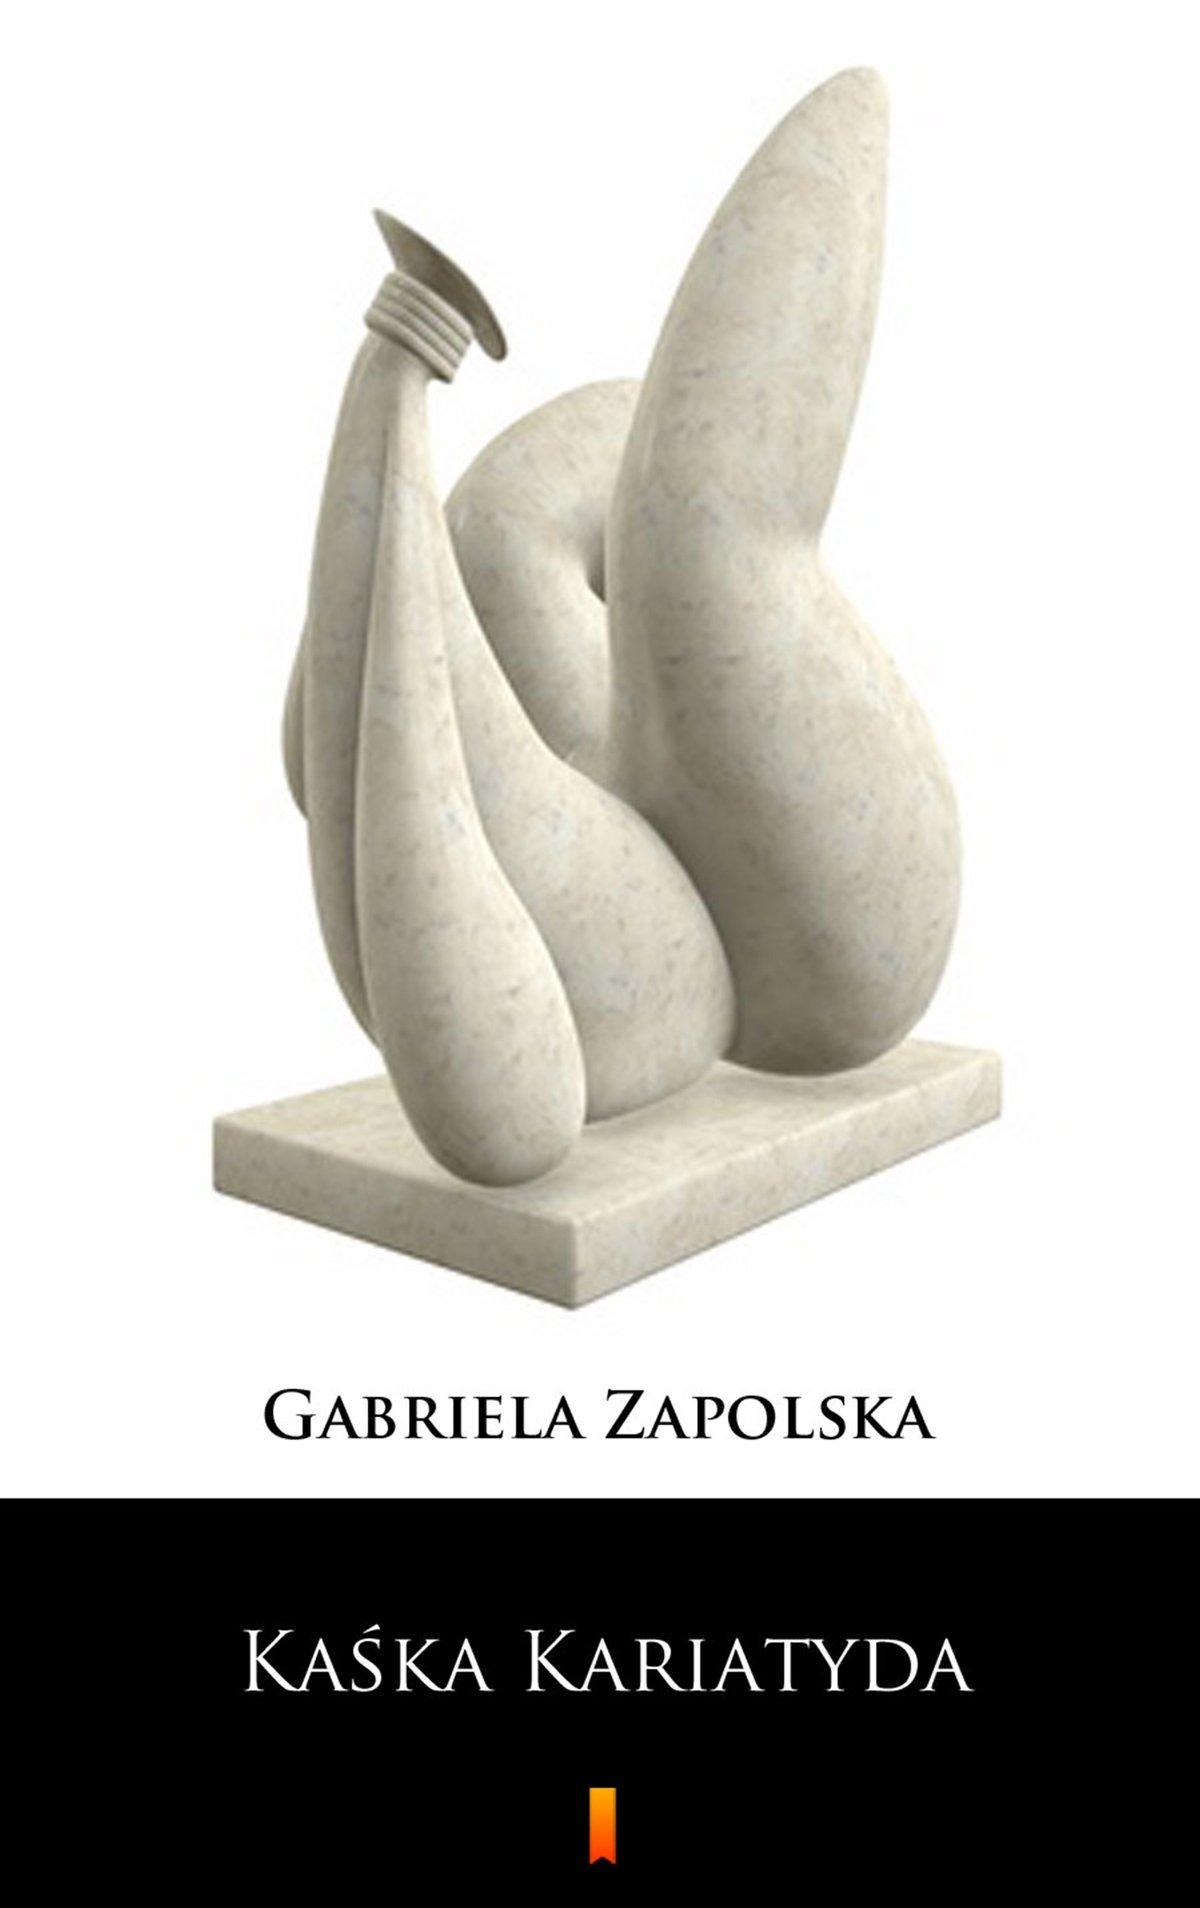 Kaśka Kariatyda - Ebook (Książka EPUB) do pobrania w formacie EPUB